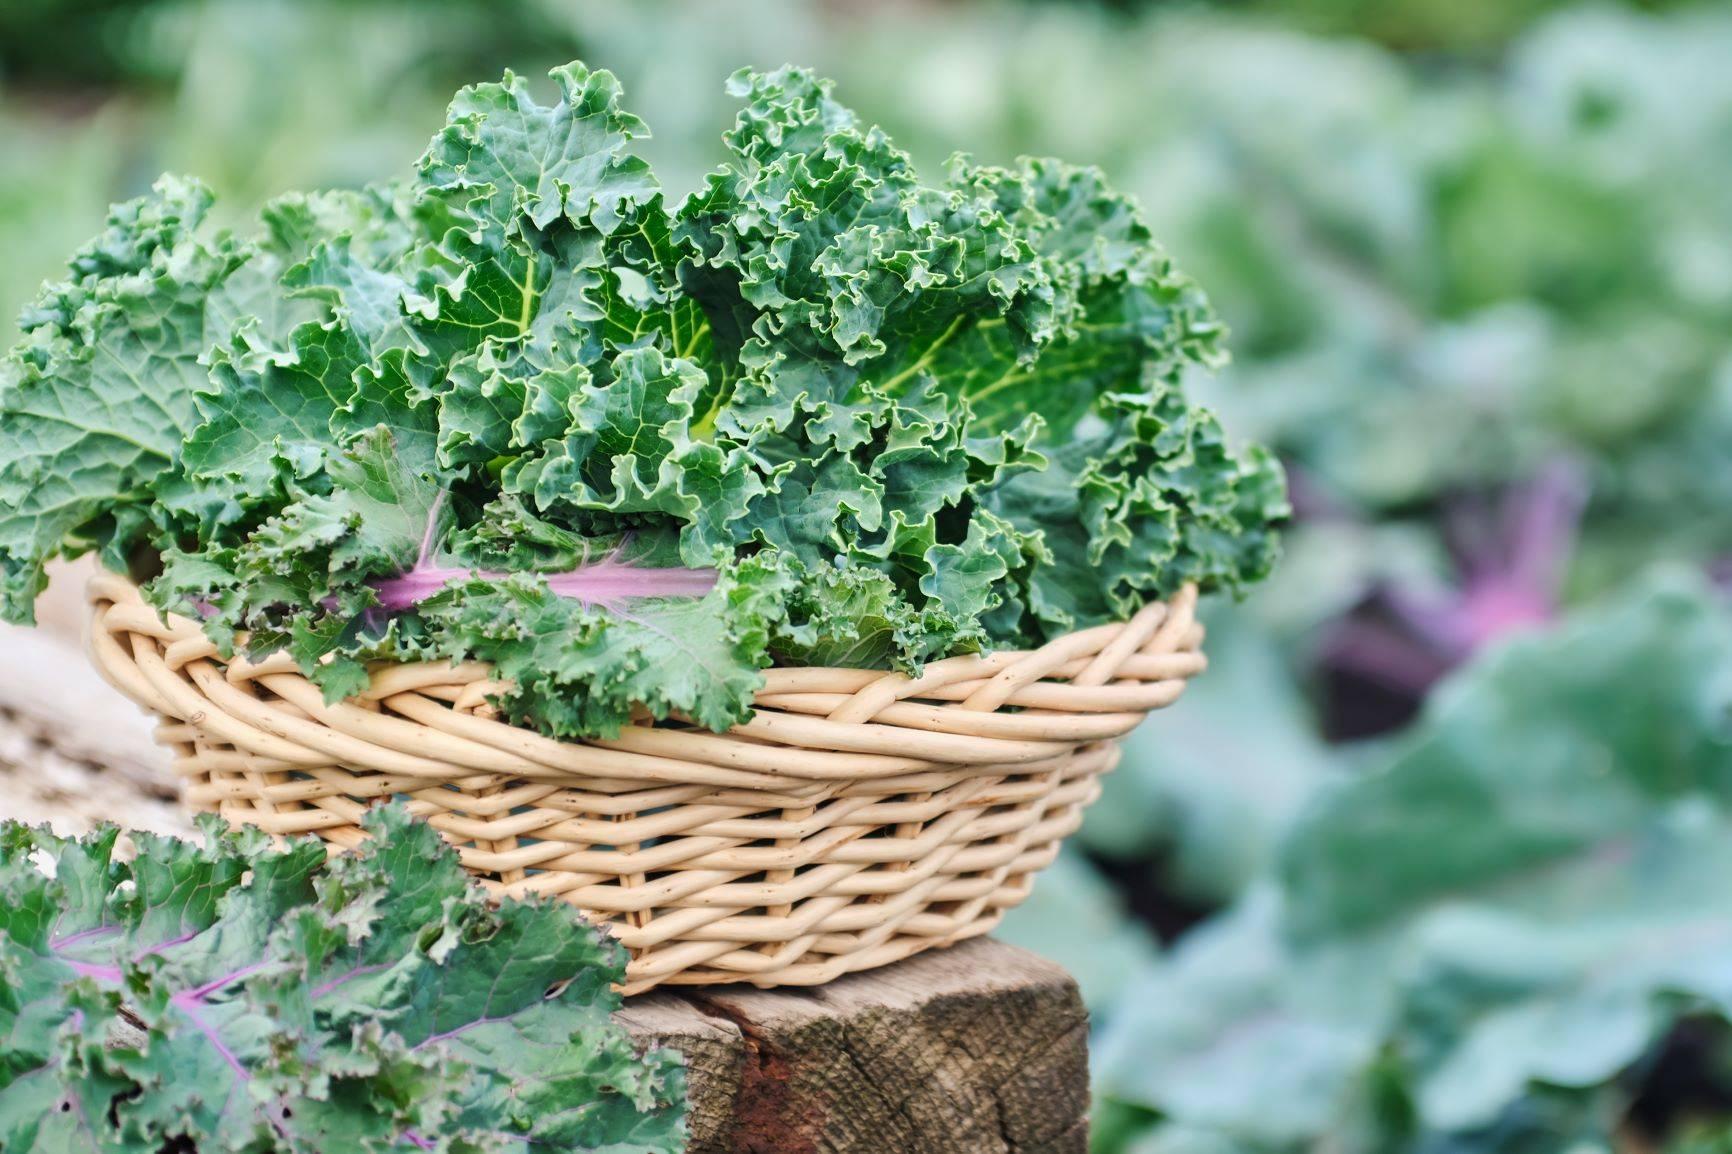 Jarmuż - właściwości i przepisy na zdrowe dania.